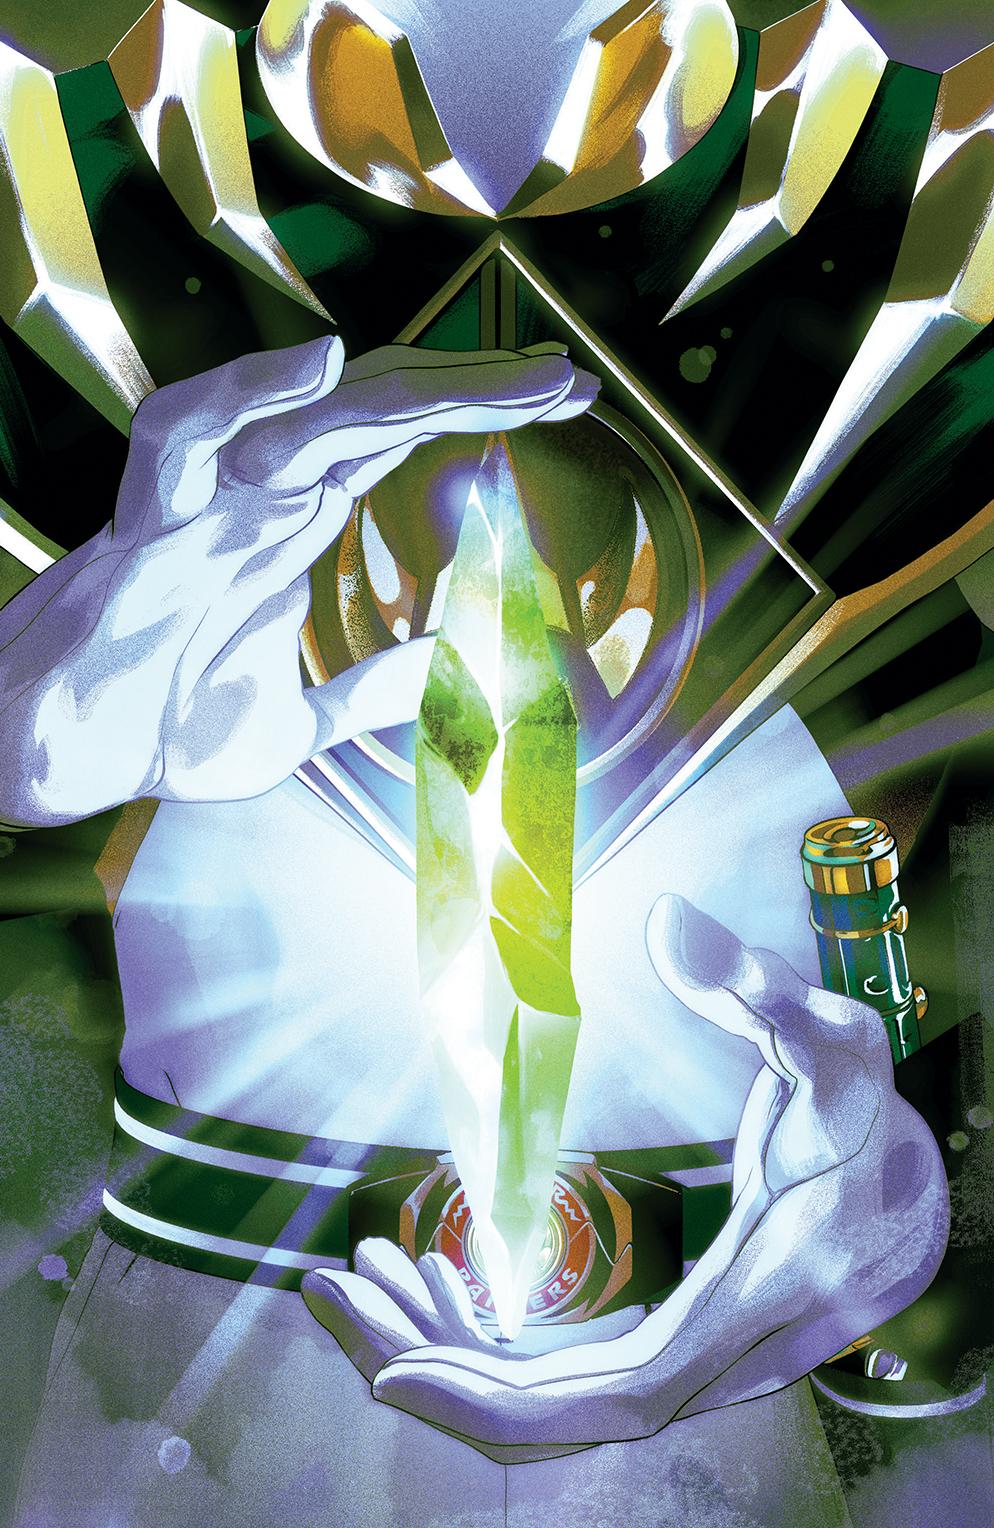 Boom-helmet-25-greencrystal.jpg